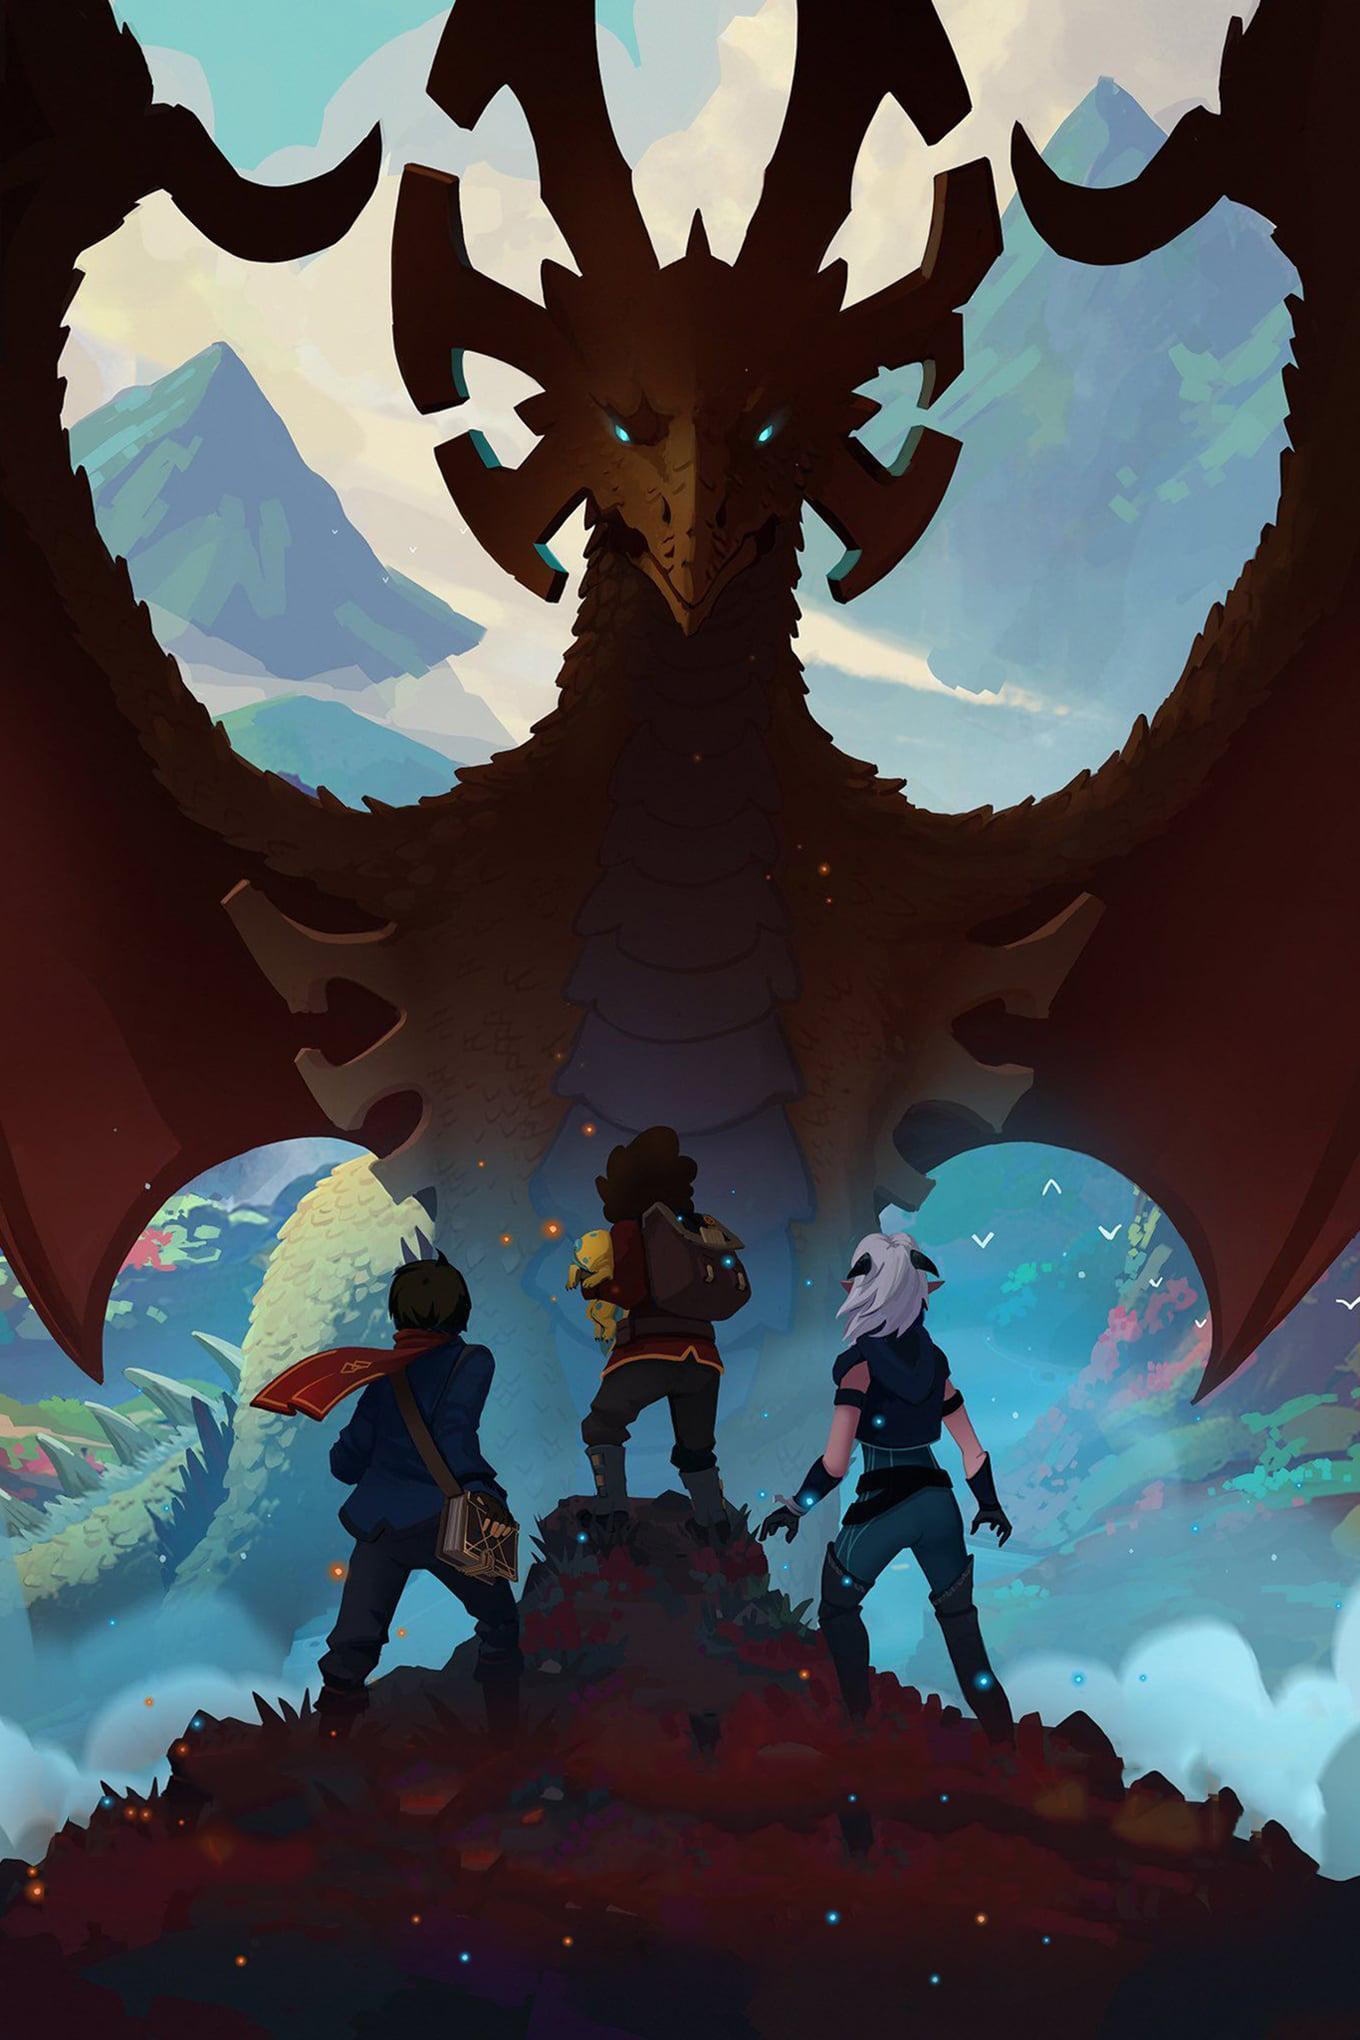 龙王子 第一季 The Dragon Prince Season 1 (2018)百度云迅雷下载